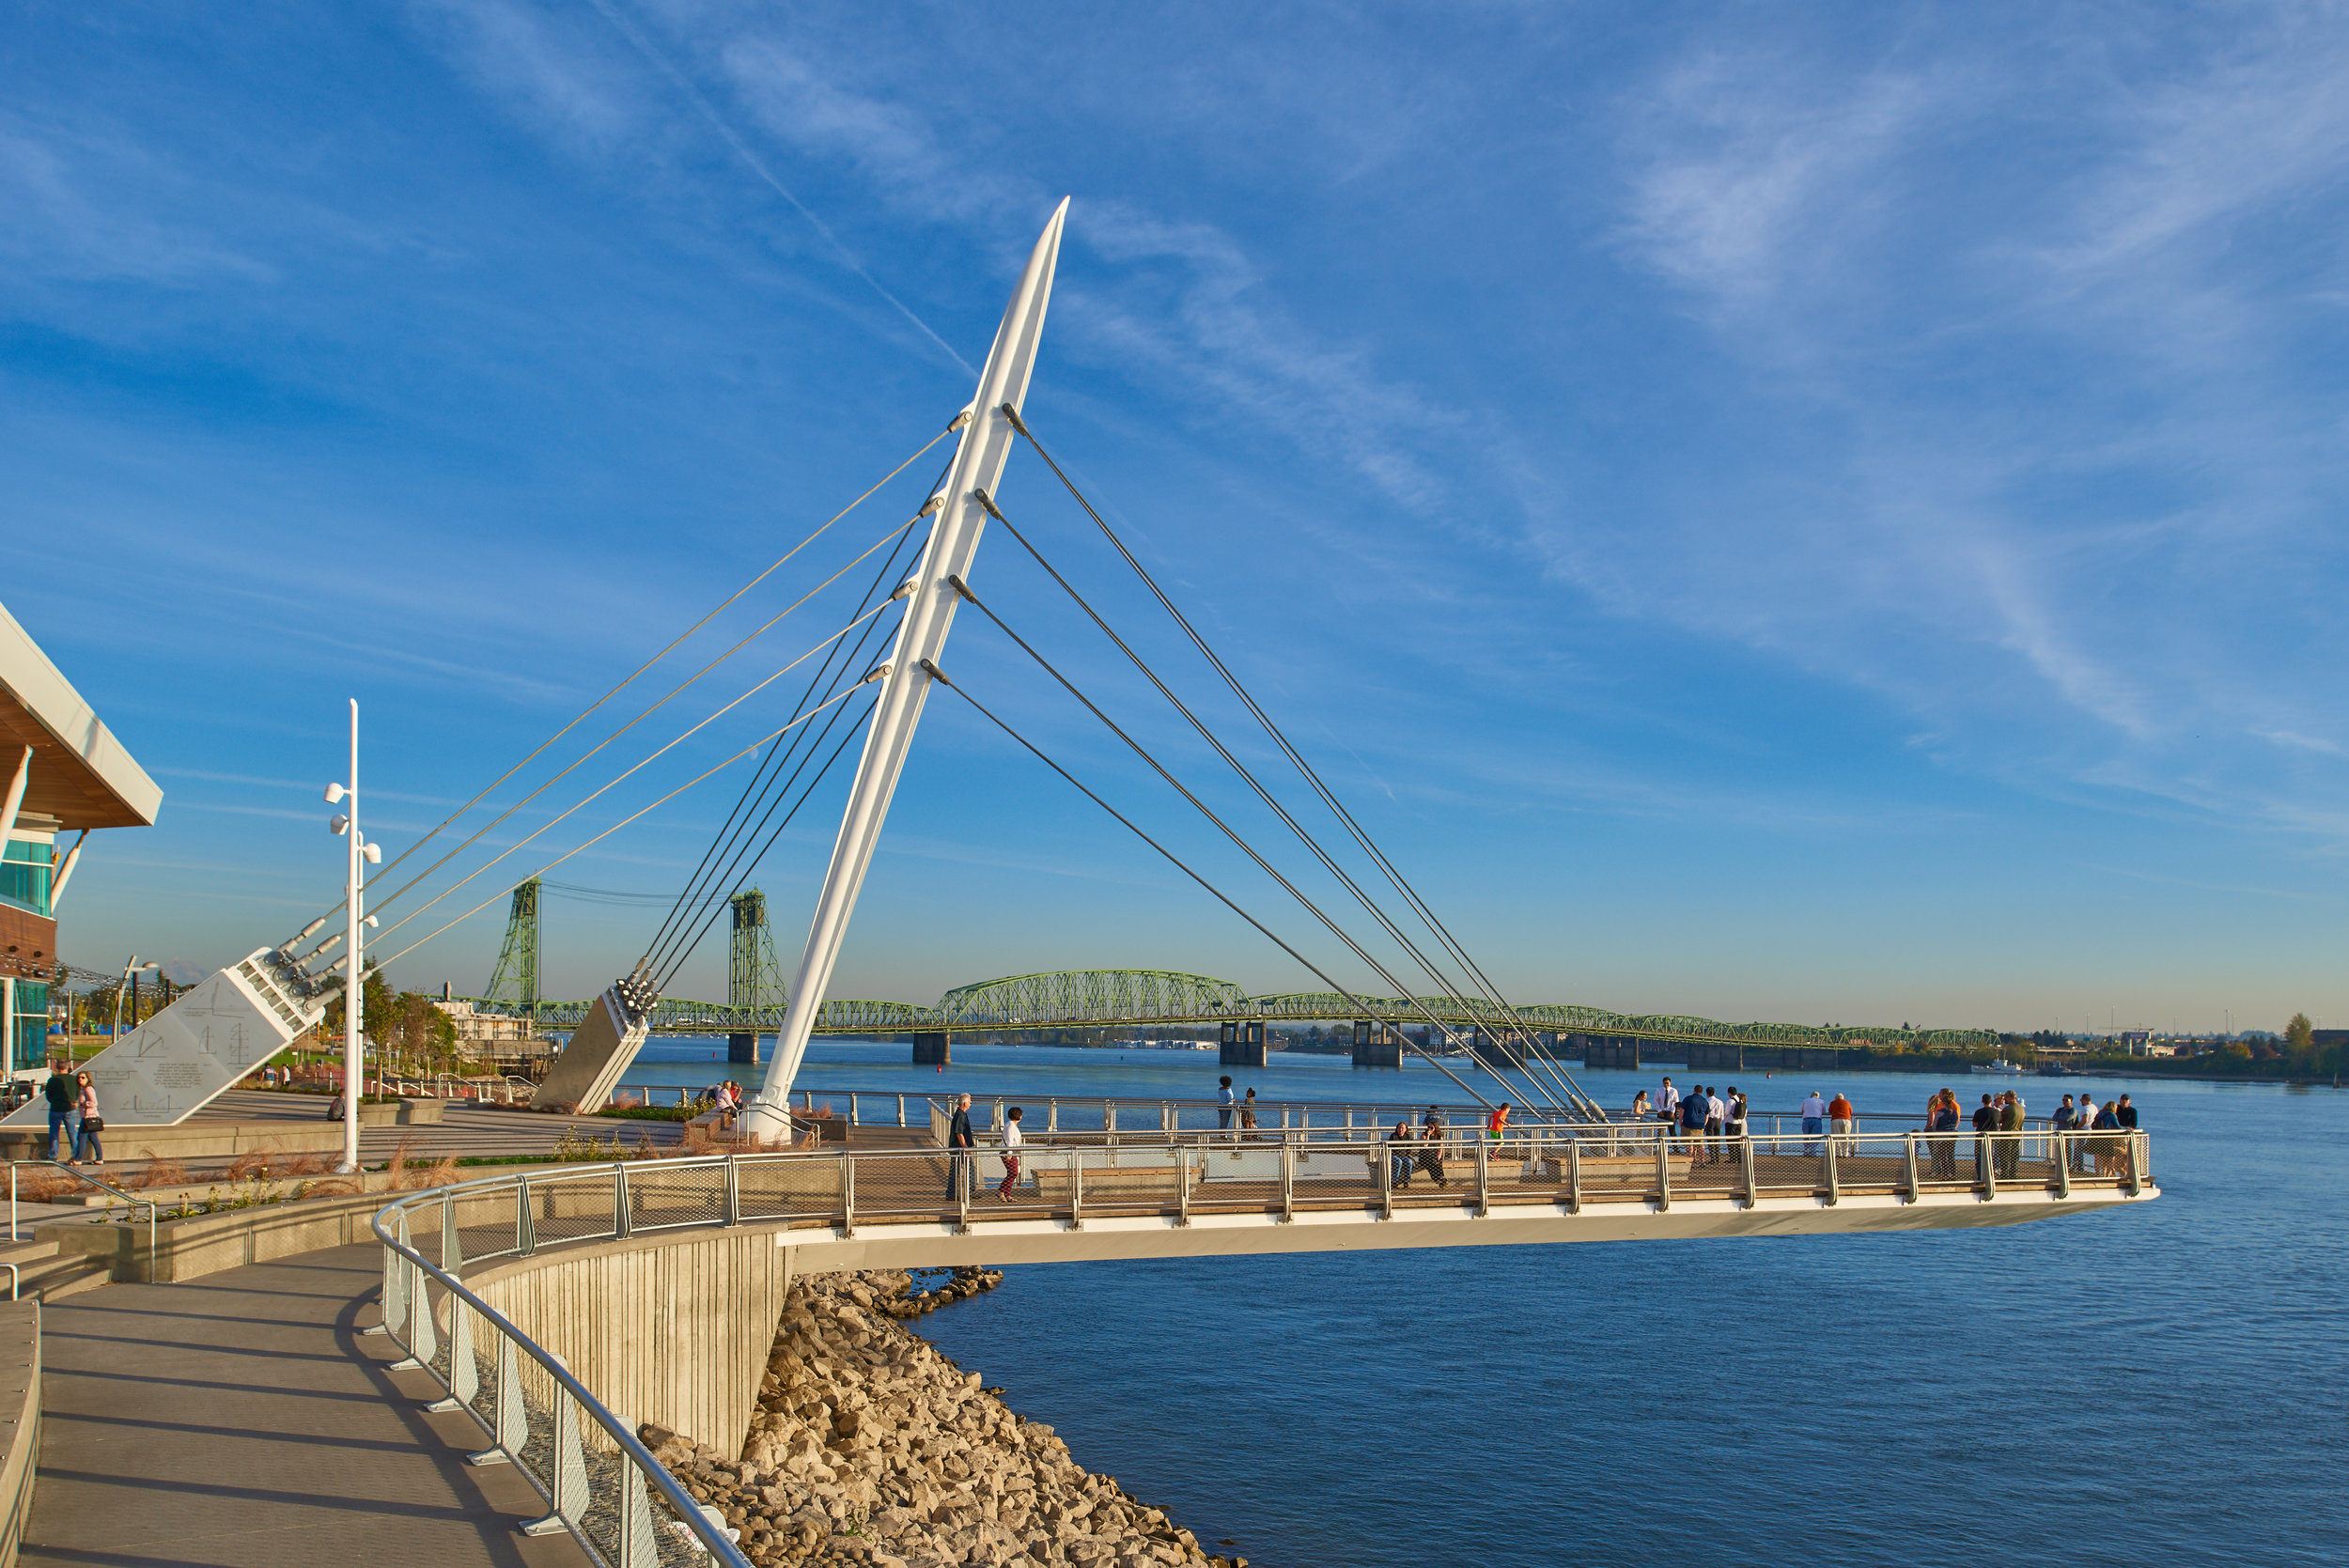 vancouver_waterfront park pier_larry kirkland_public art services_j grant projects_40.jpg